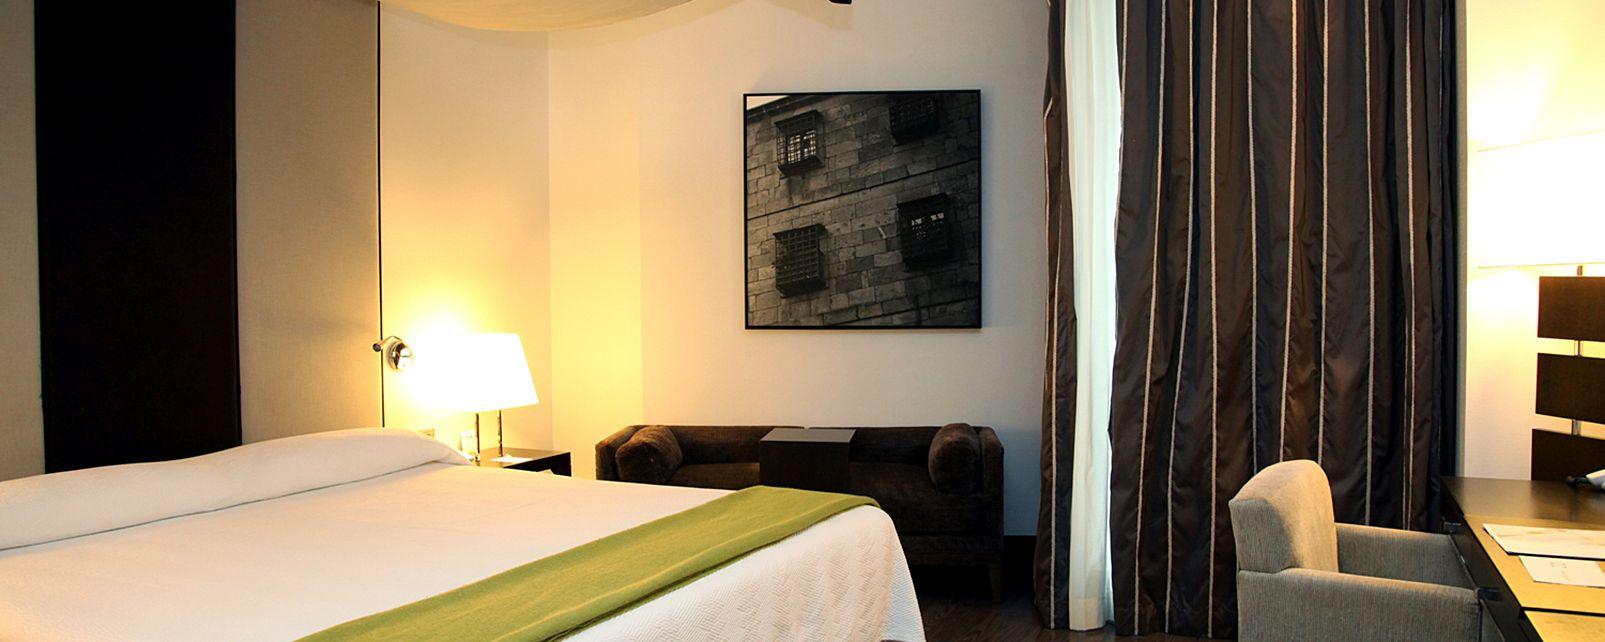 Hôtel NH Obradoiro